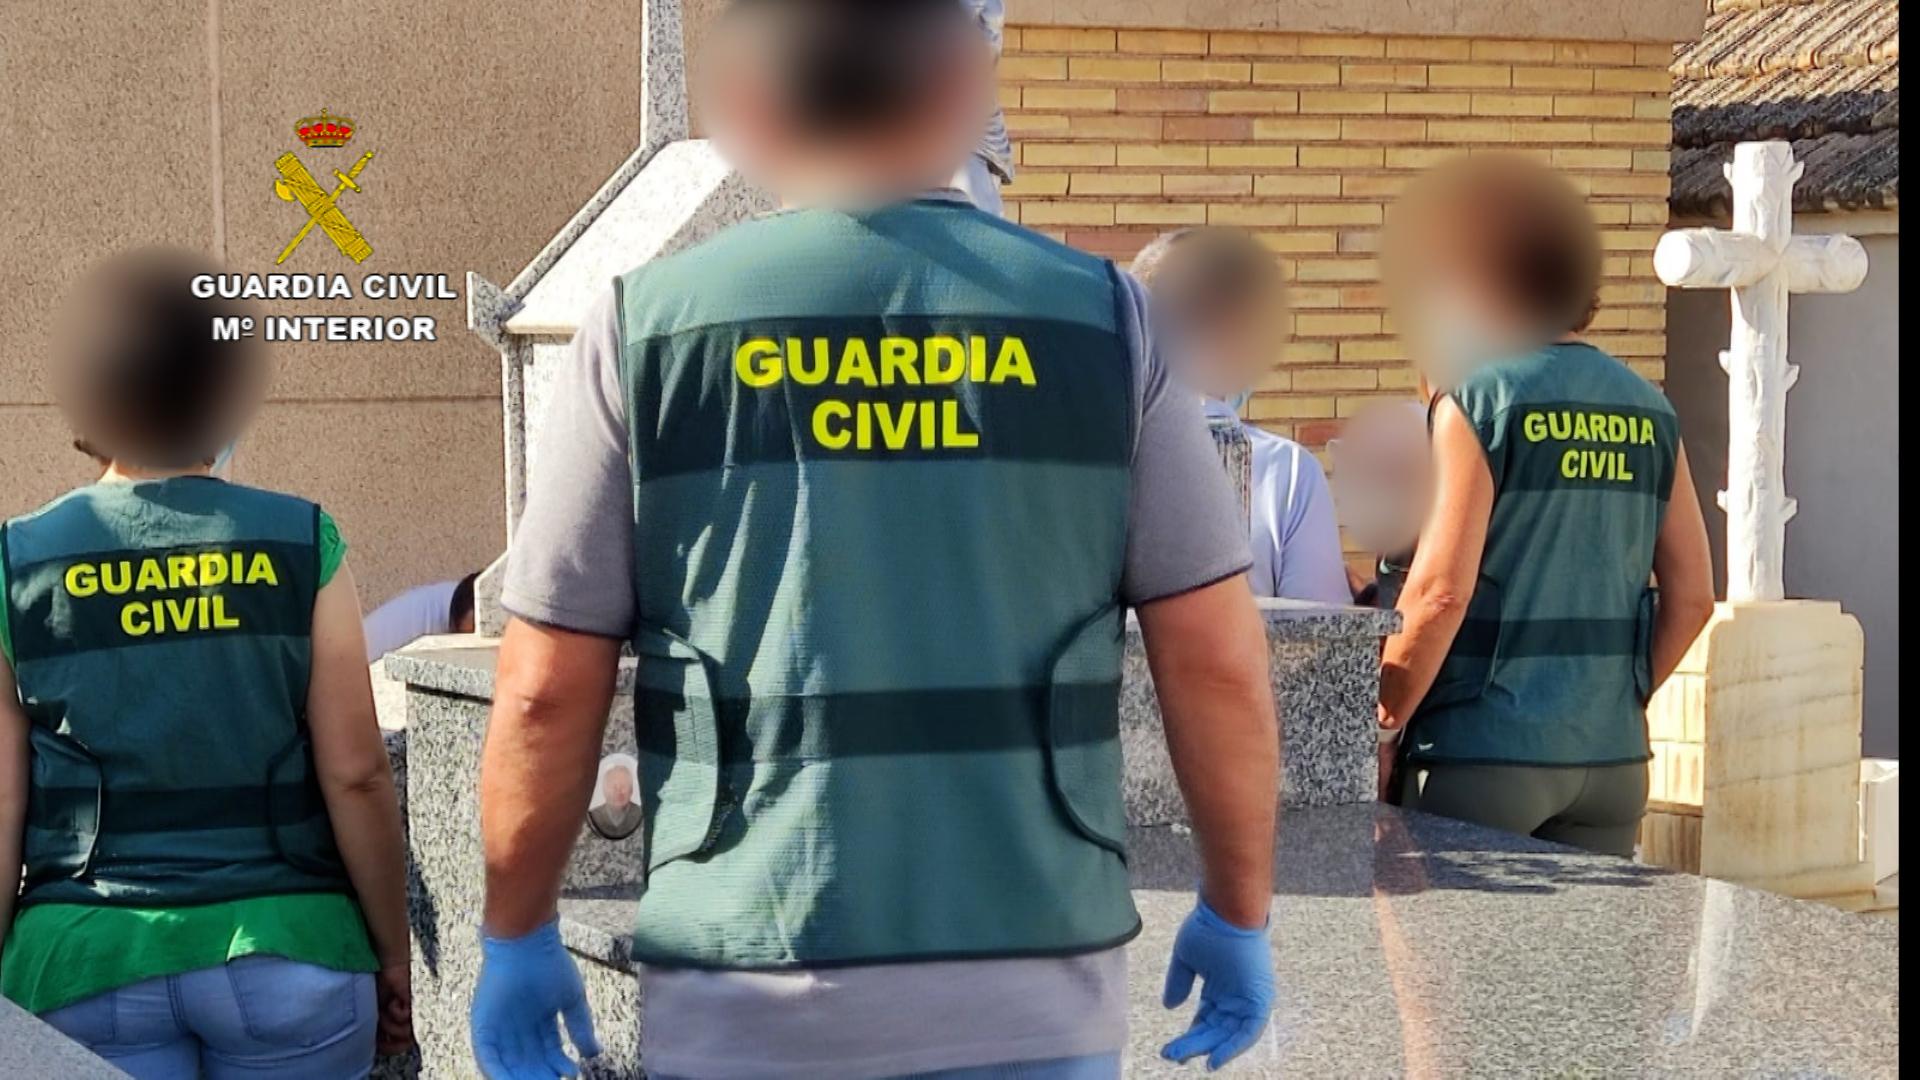 La Guardia Civil detiene a dos mujeres relacionadas con la muerte de un octogenario